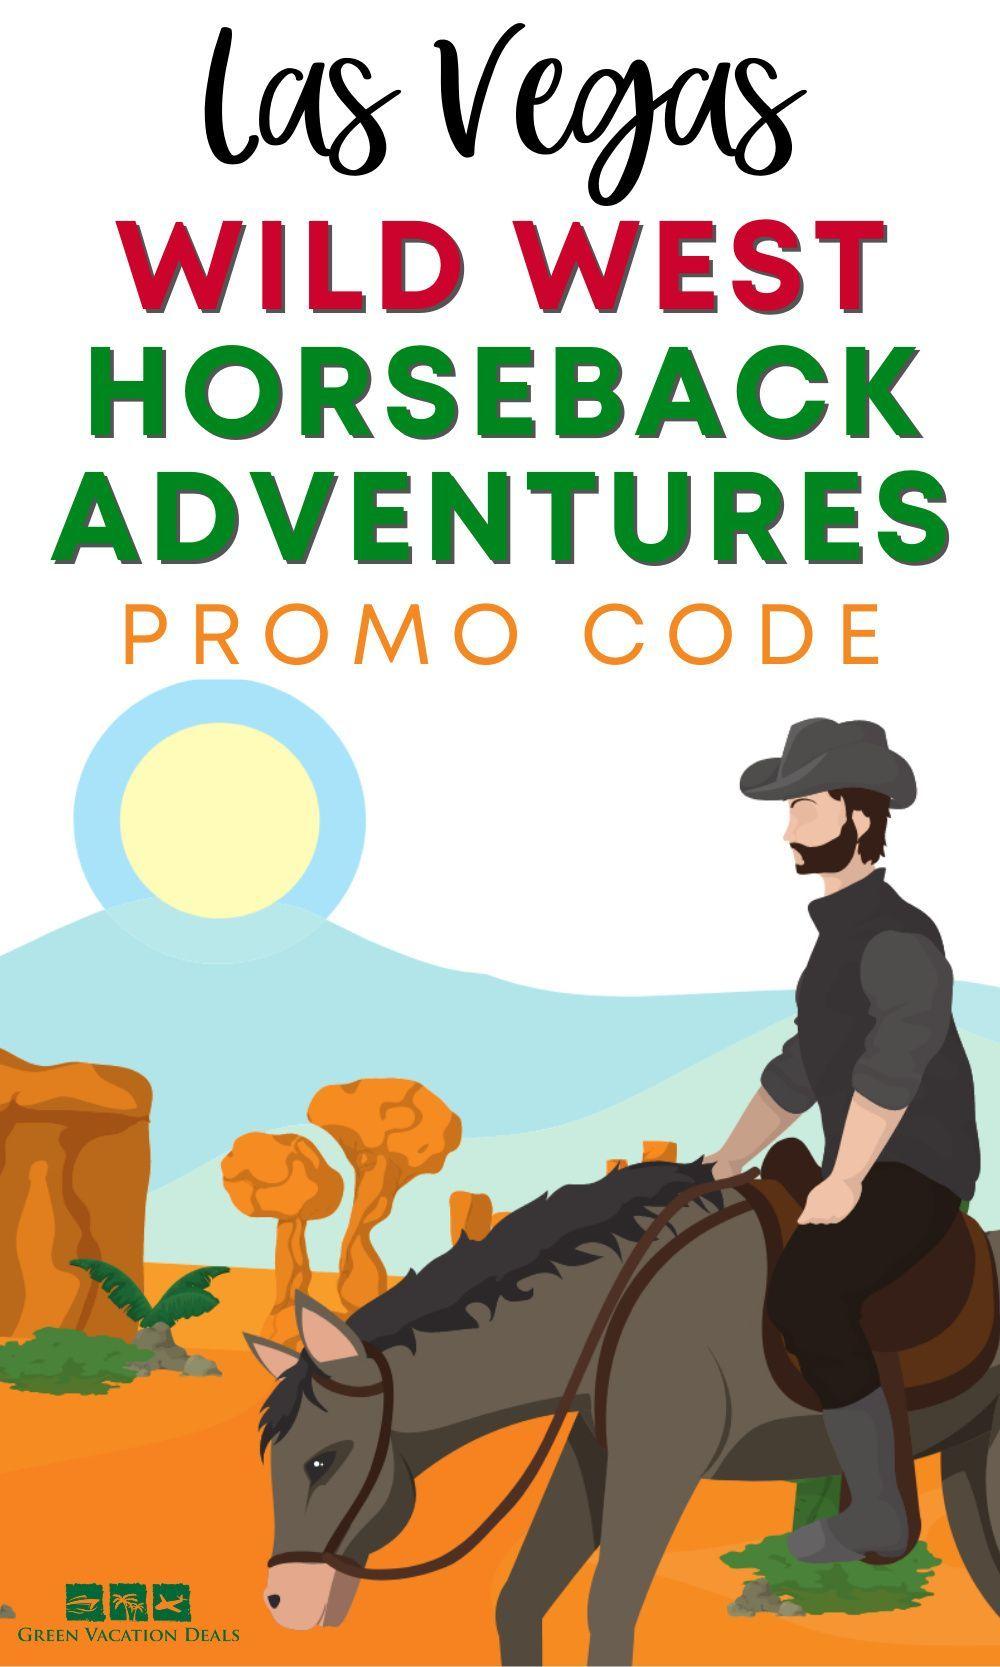 ebebd7e14bb9635d522048a3ea285805 - Botanical Gardens Garden Lights Promo Code